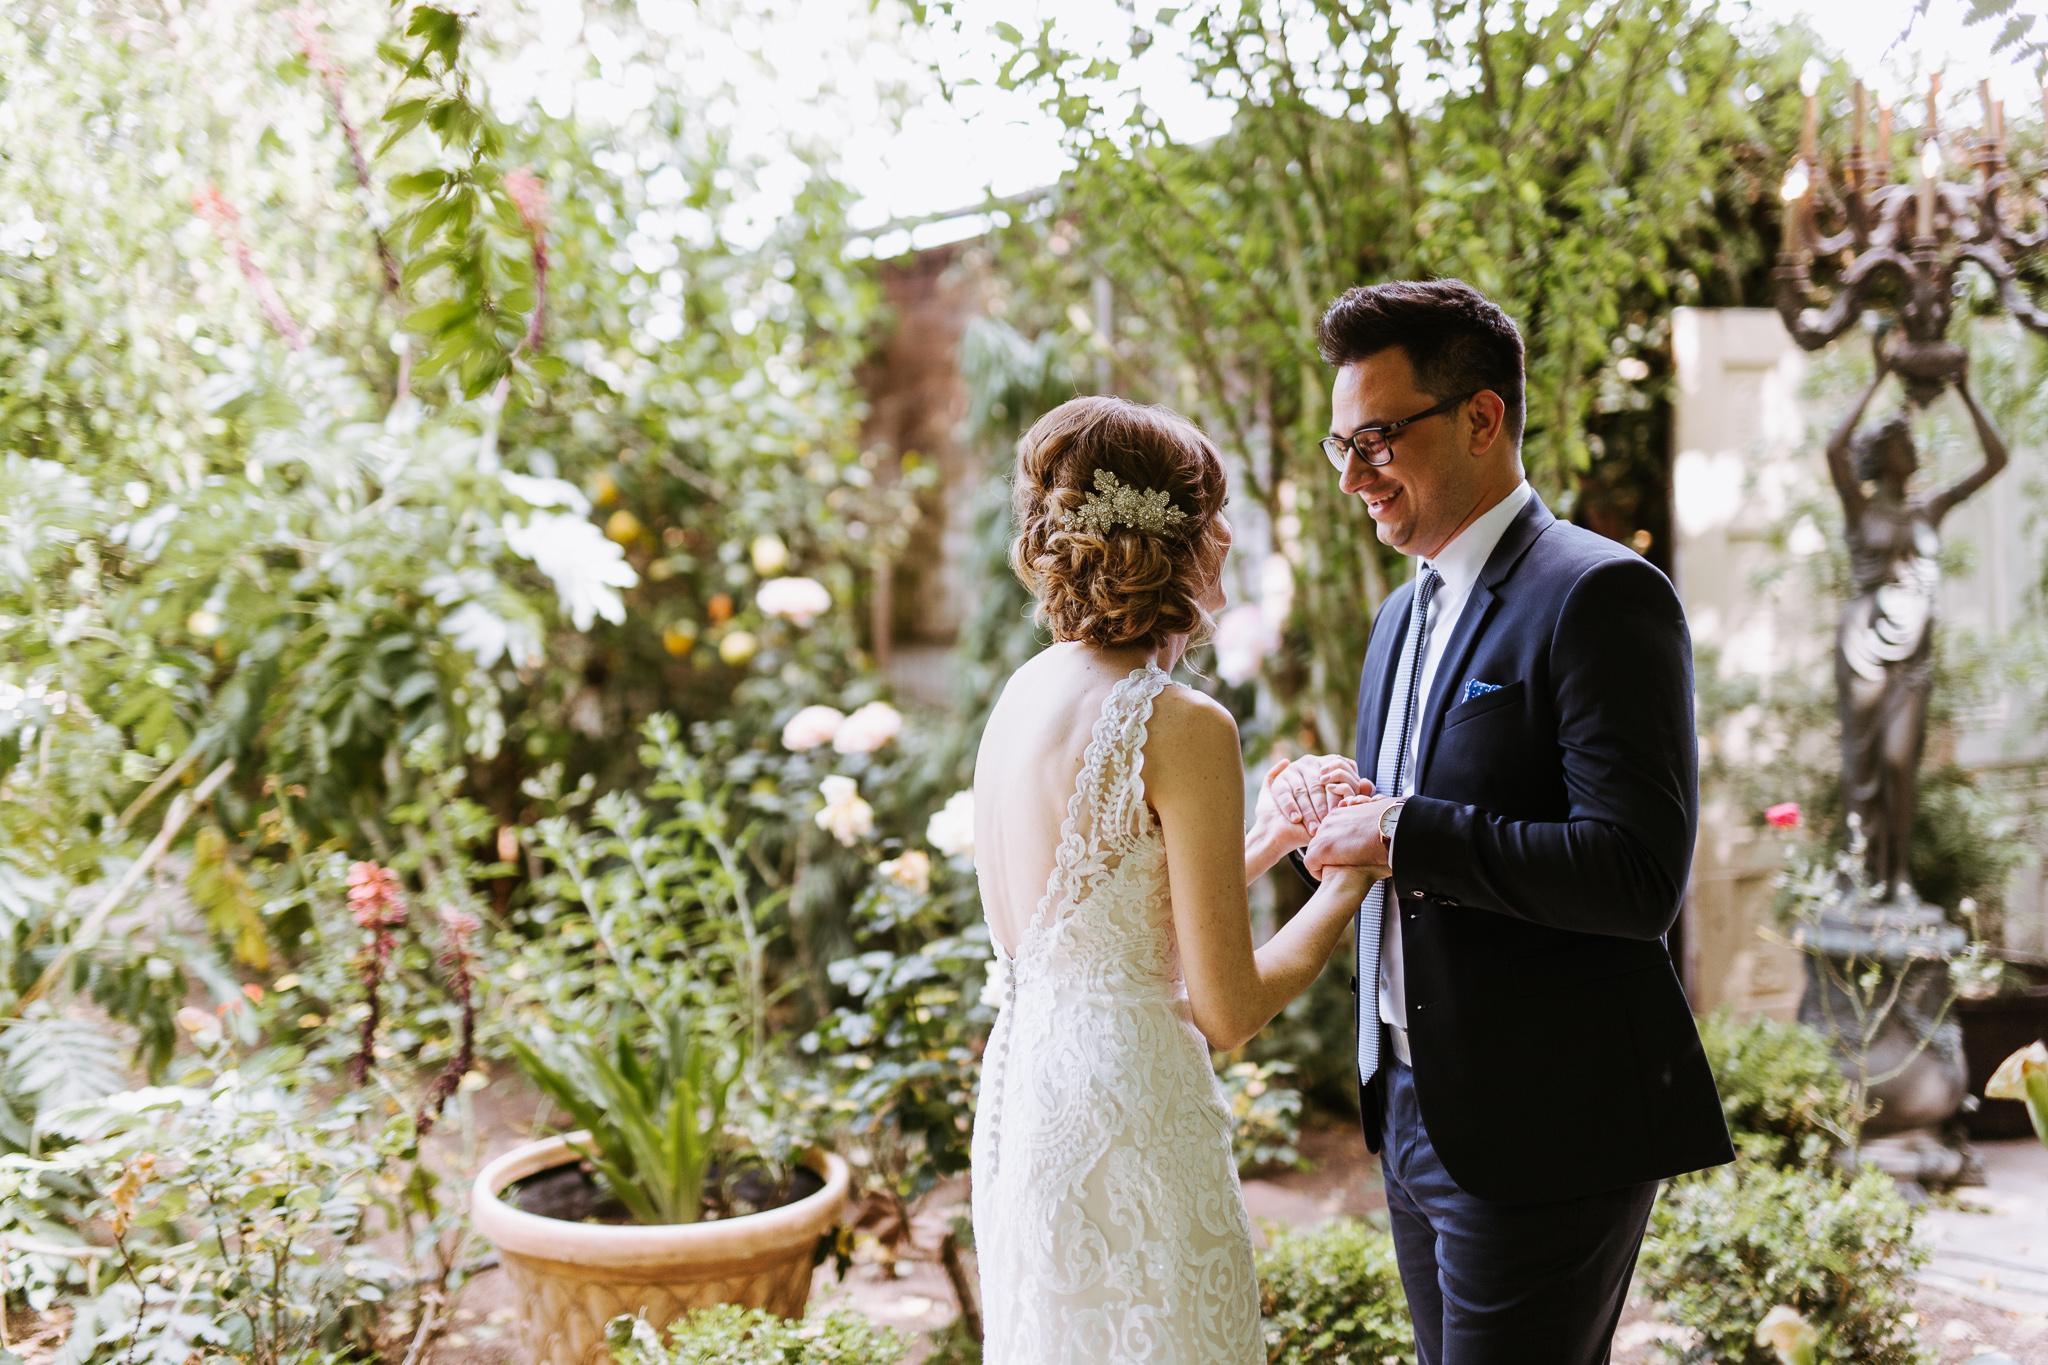 BayArea-Wedding-Photographer-25.jpg